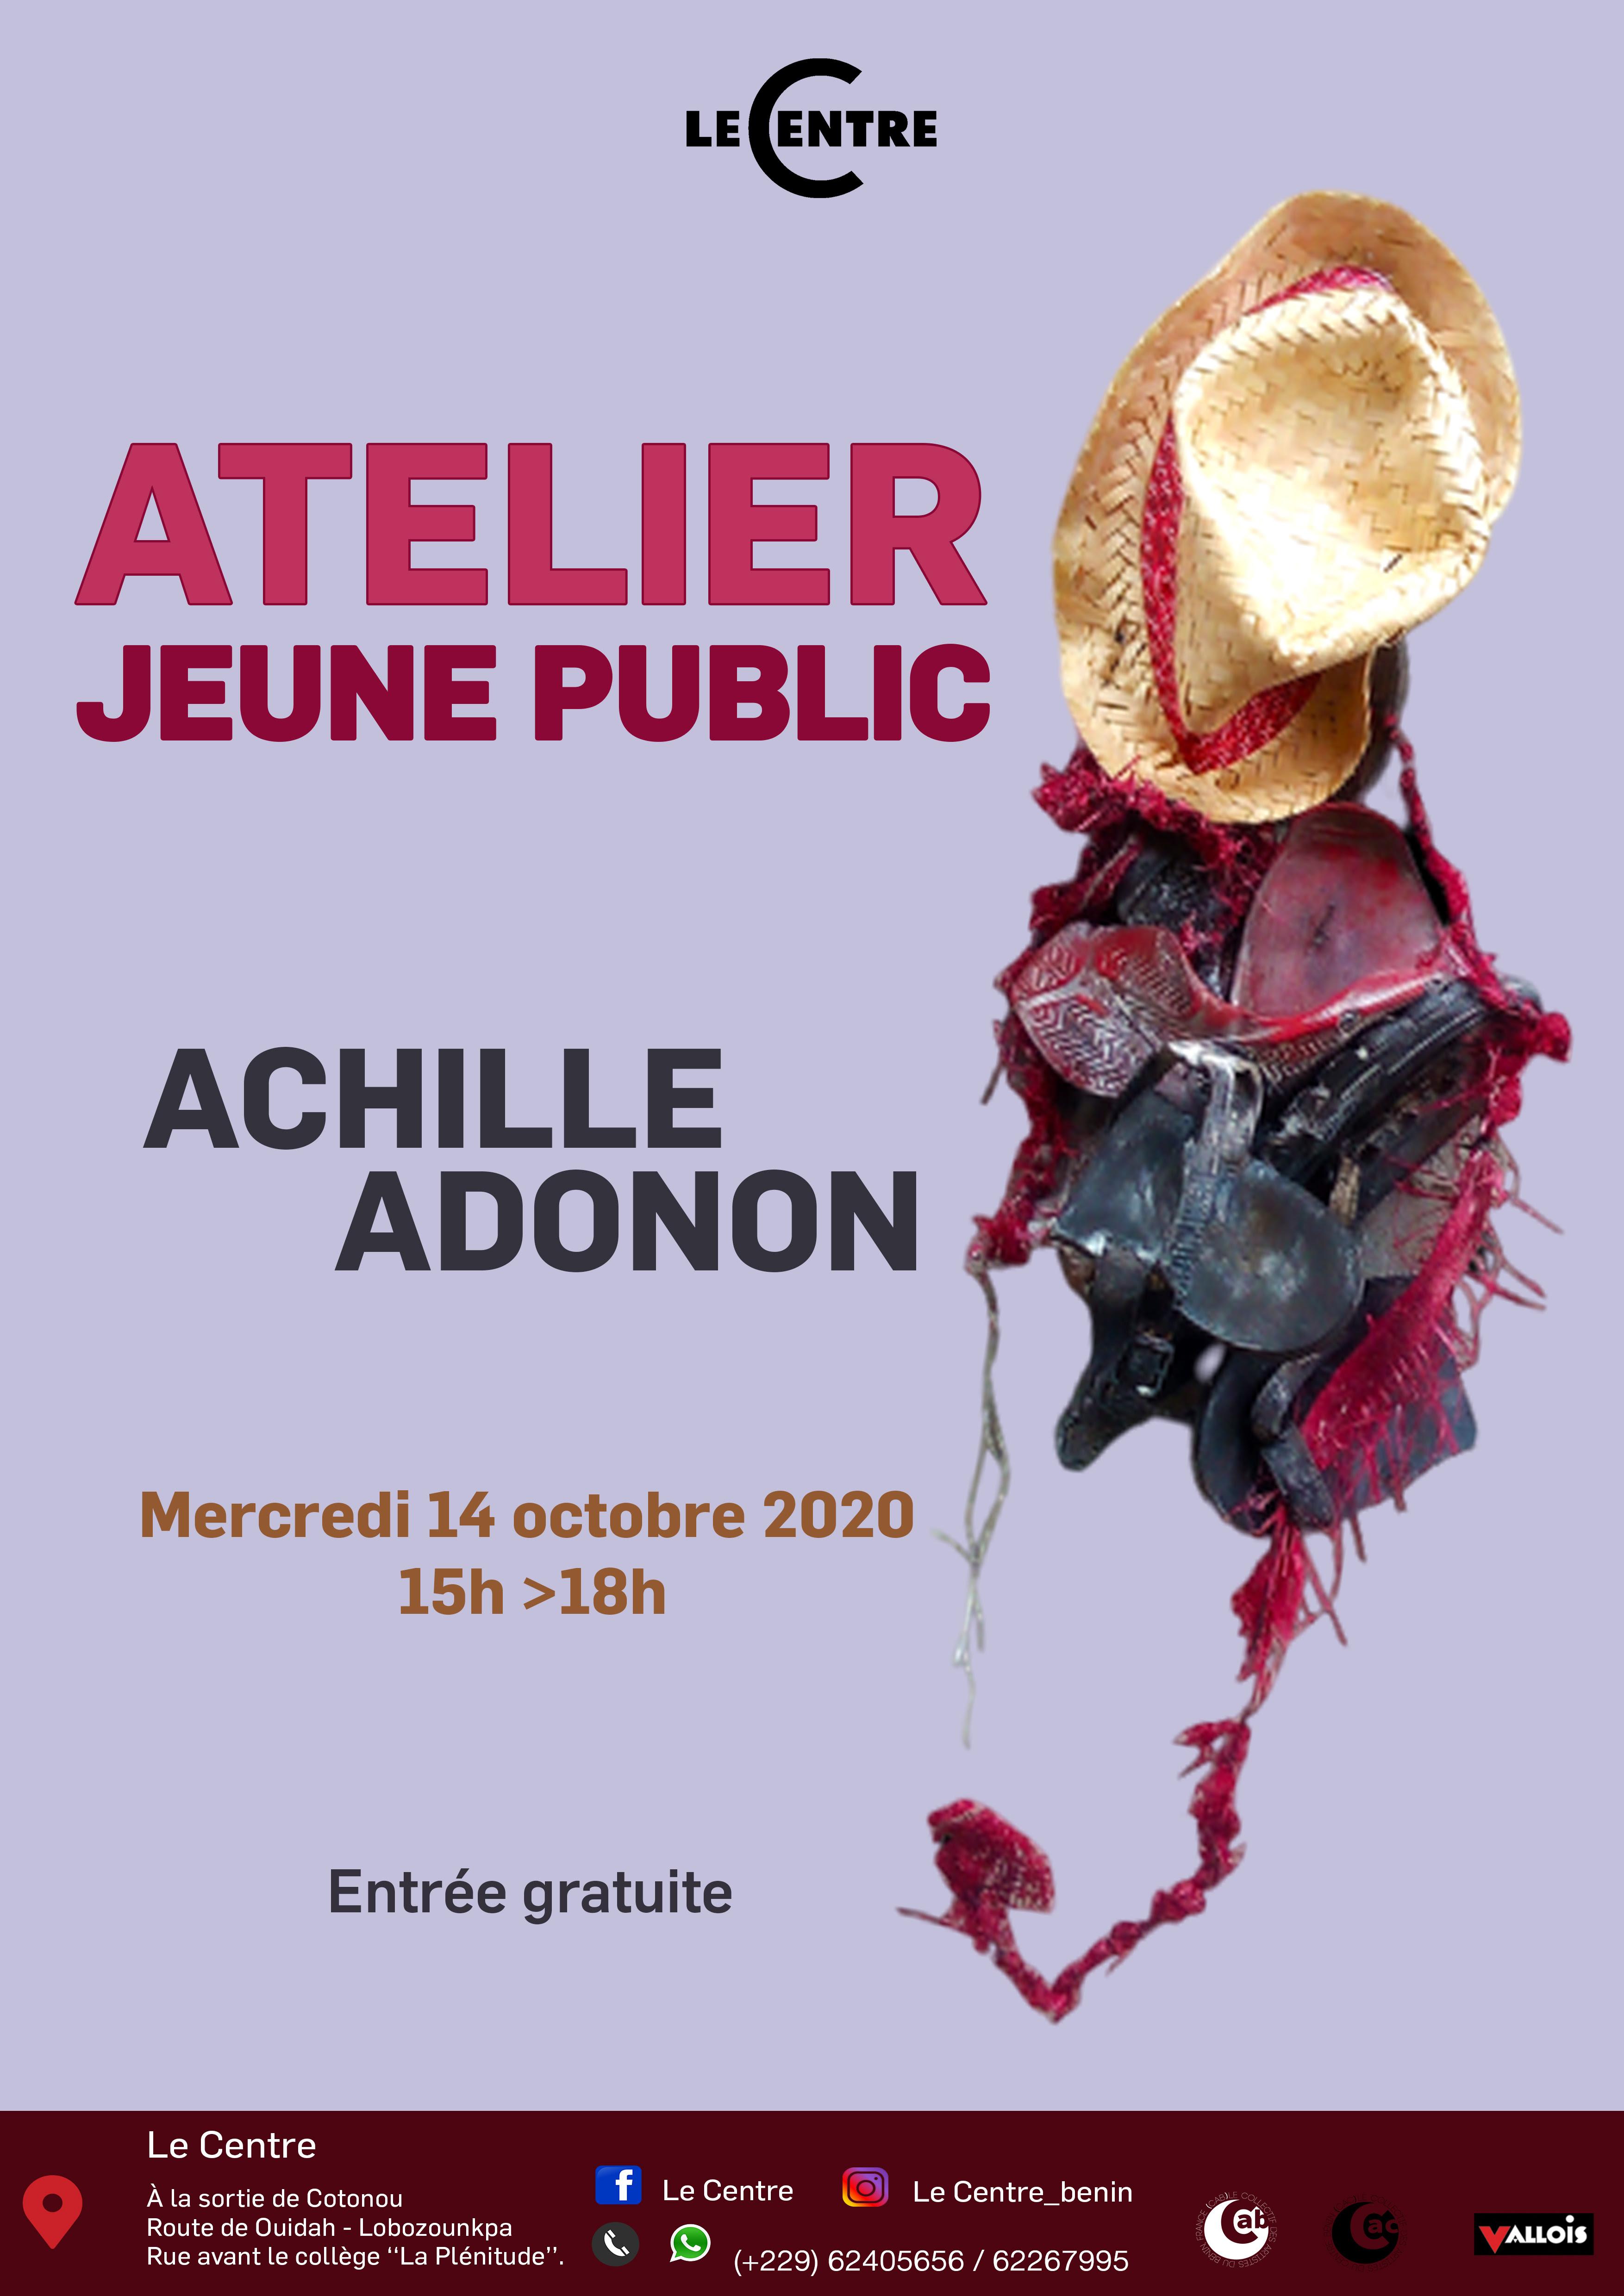 Atelier jeune public, Achille Adonon